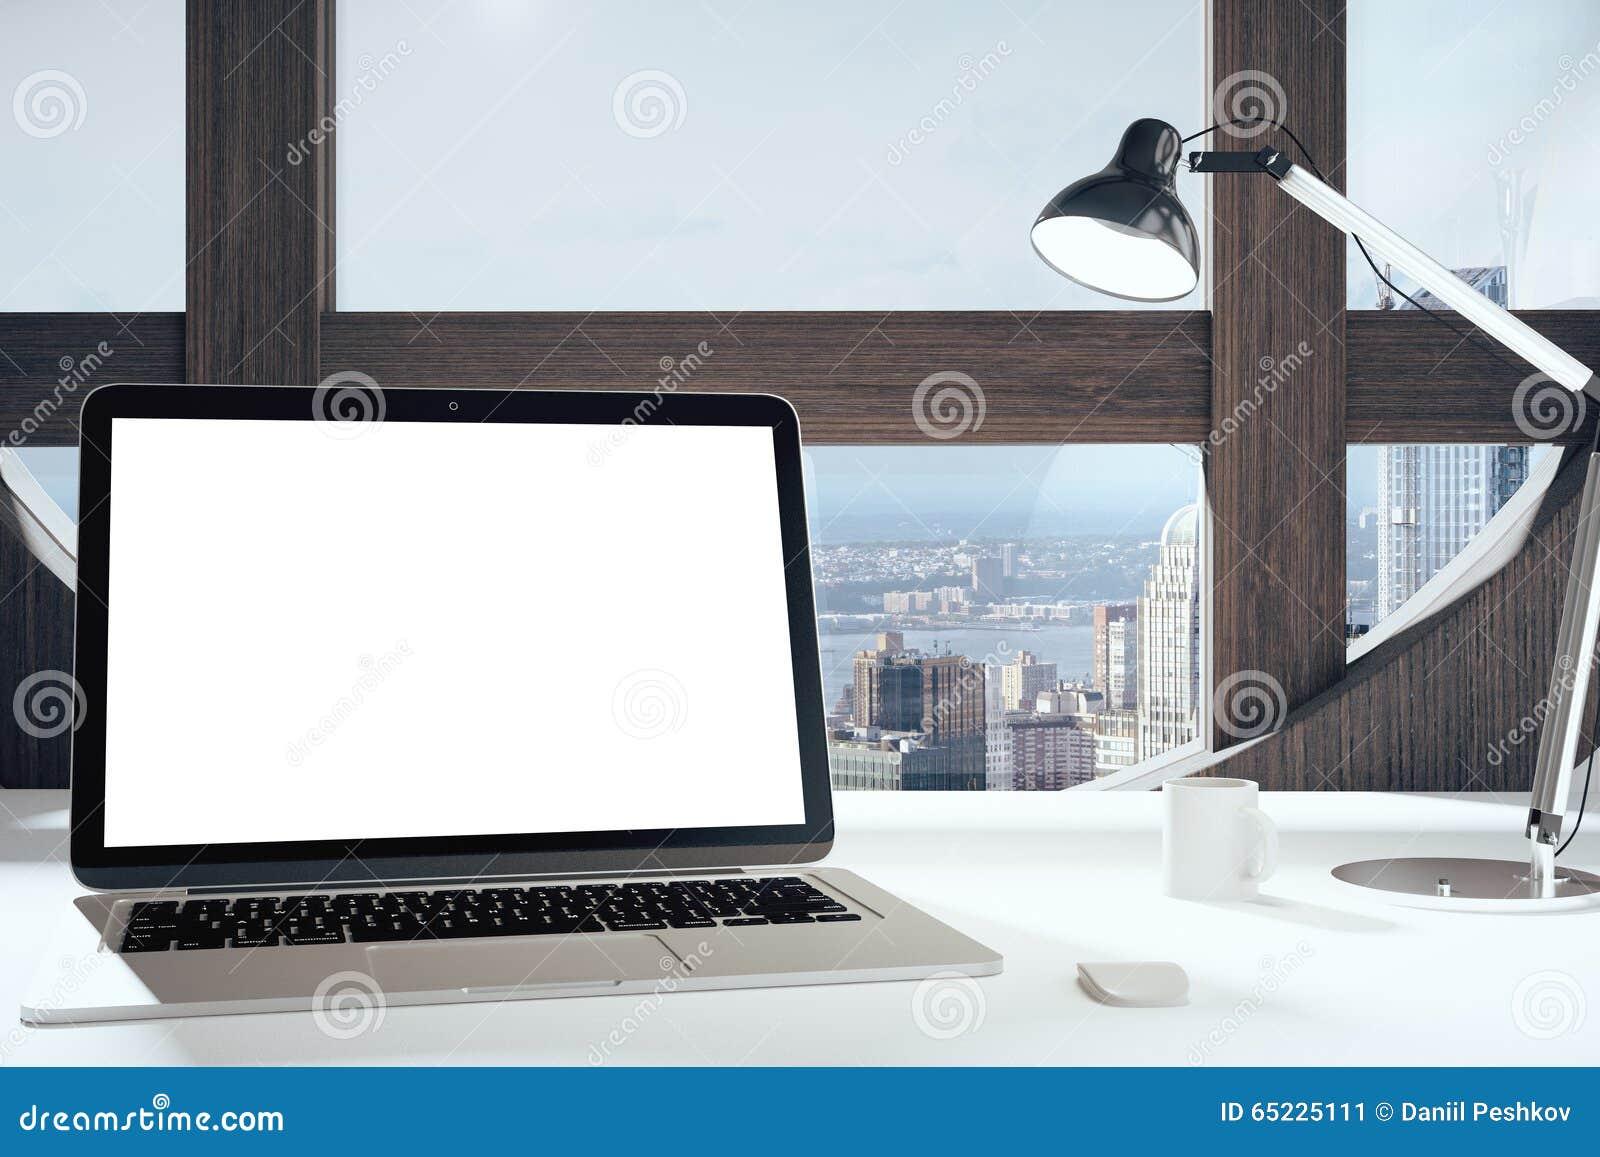 Leerer laptopschirm im modernen raum mit rundem fenster lampe und c